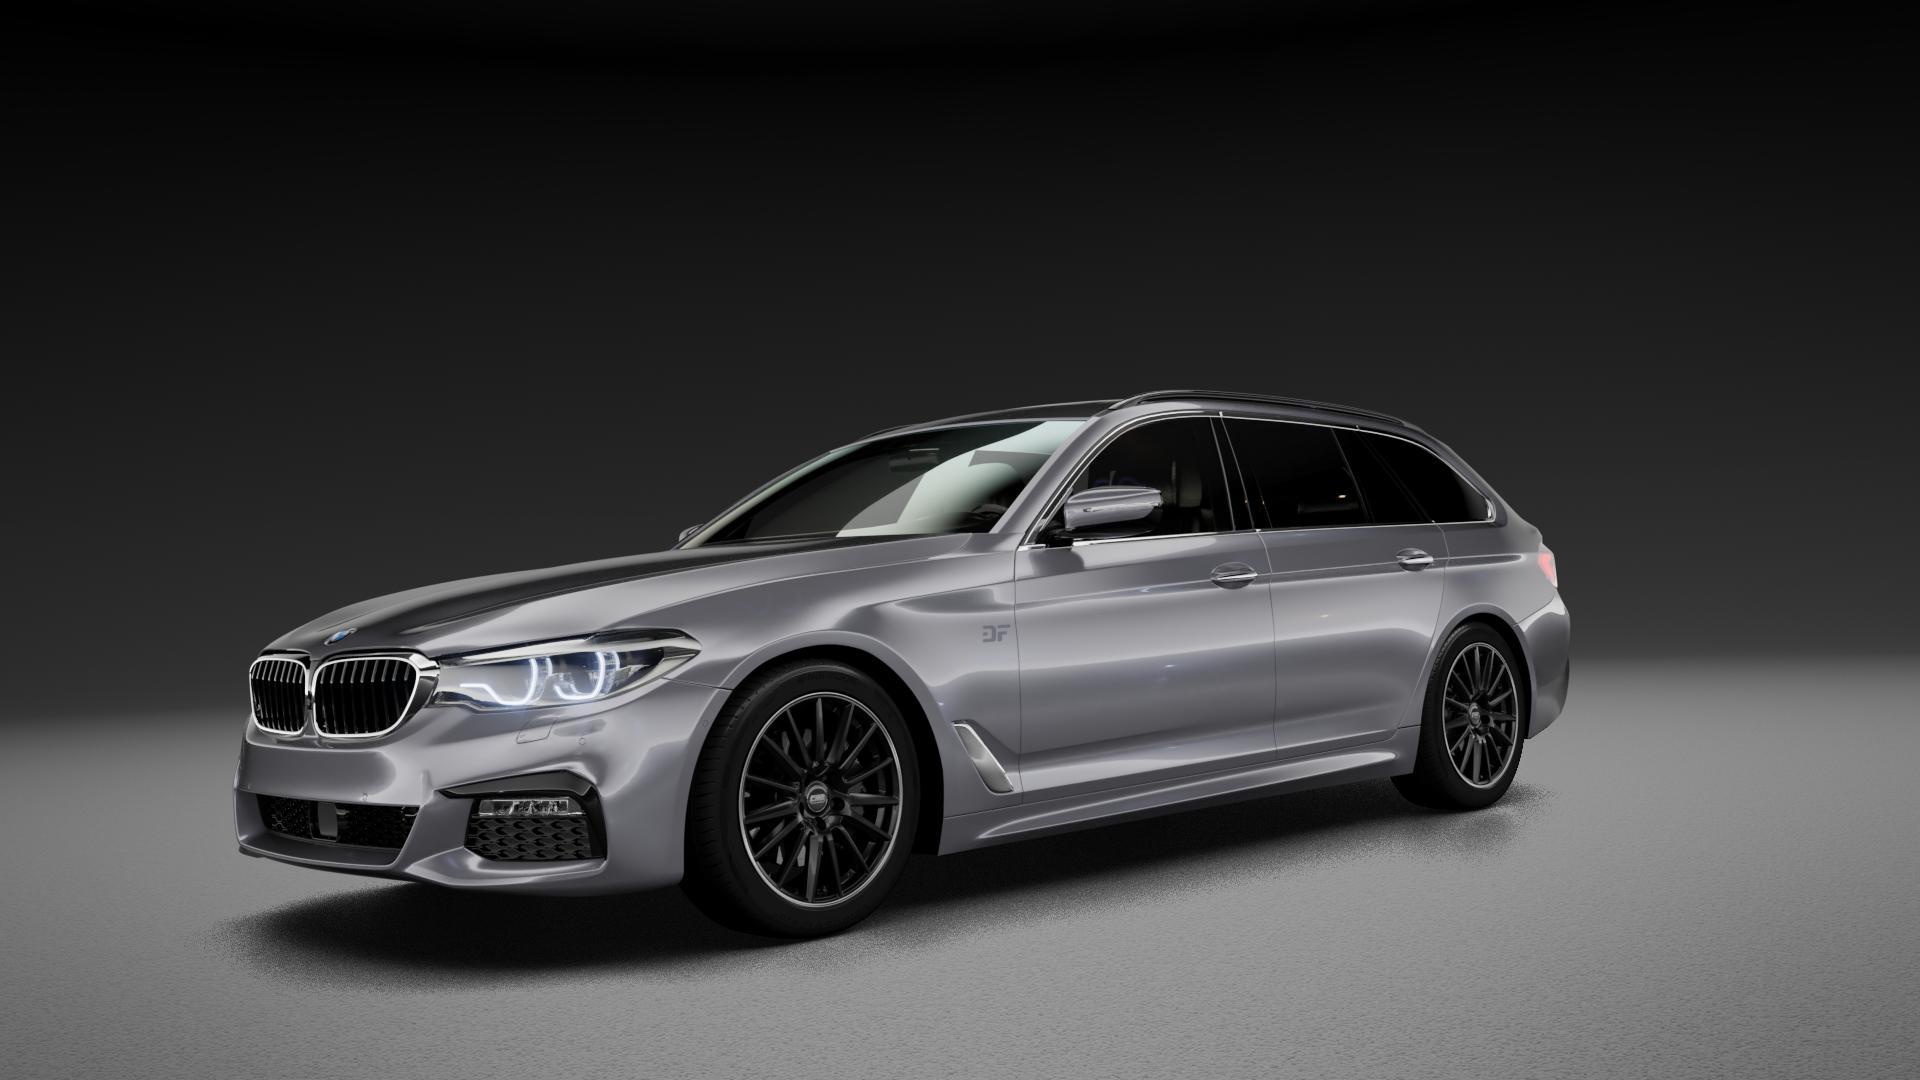 CMS C23 Diamond Rim Black Felge mit Reifen grau schwarz in 18Zoll Winterfelge Alufelge auf silbernem BMW 5er G31 Touring (G5K) ⬇️ mit 15mm Tieferlegung ⬇️ Neutral_mid_max5300mm Frontansicht_1